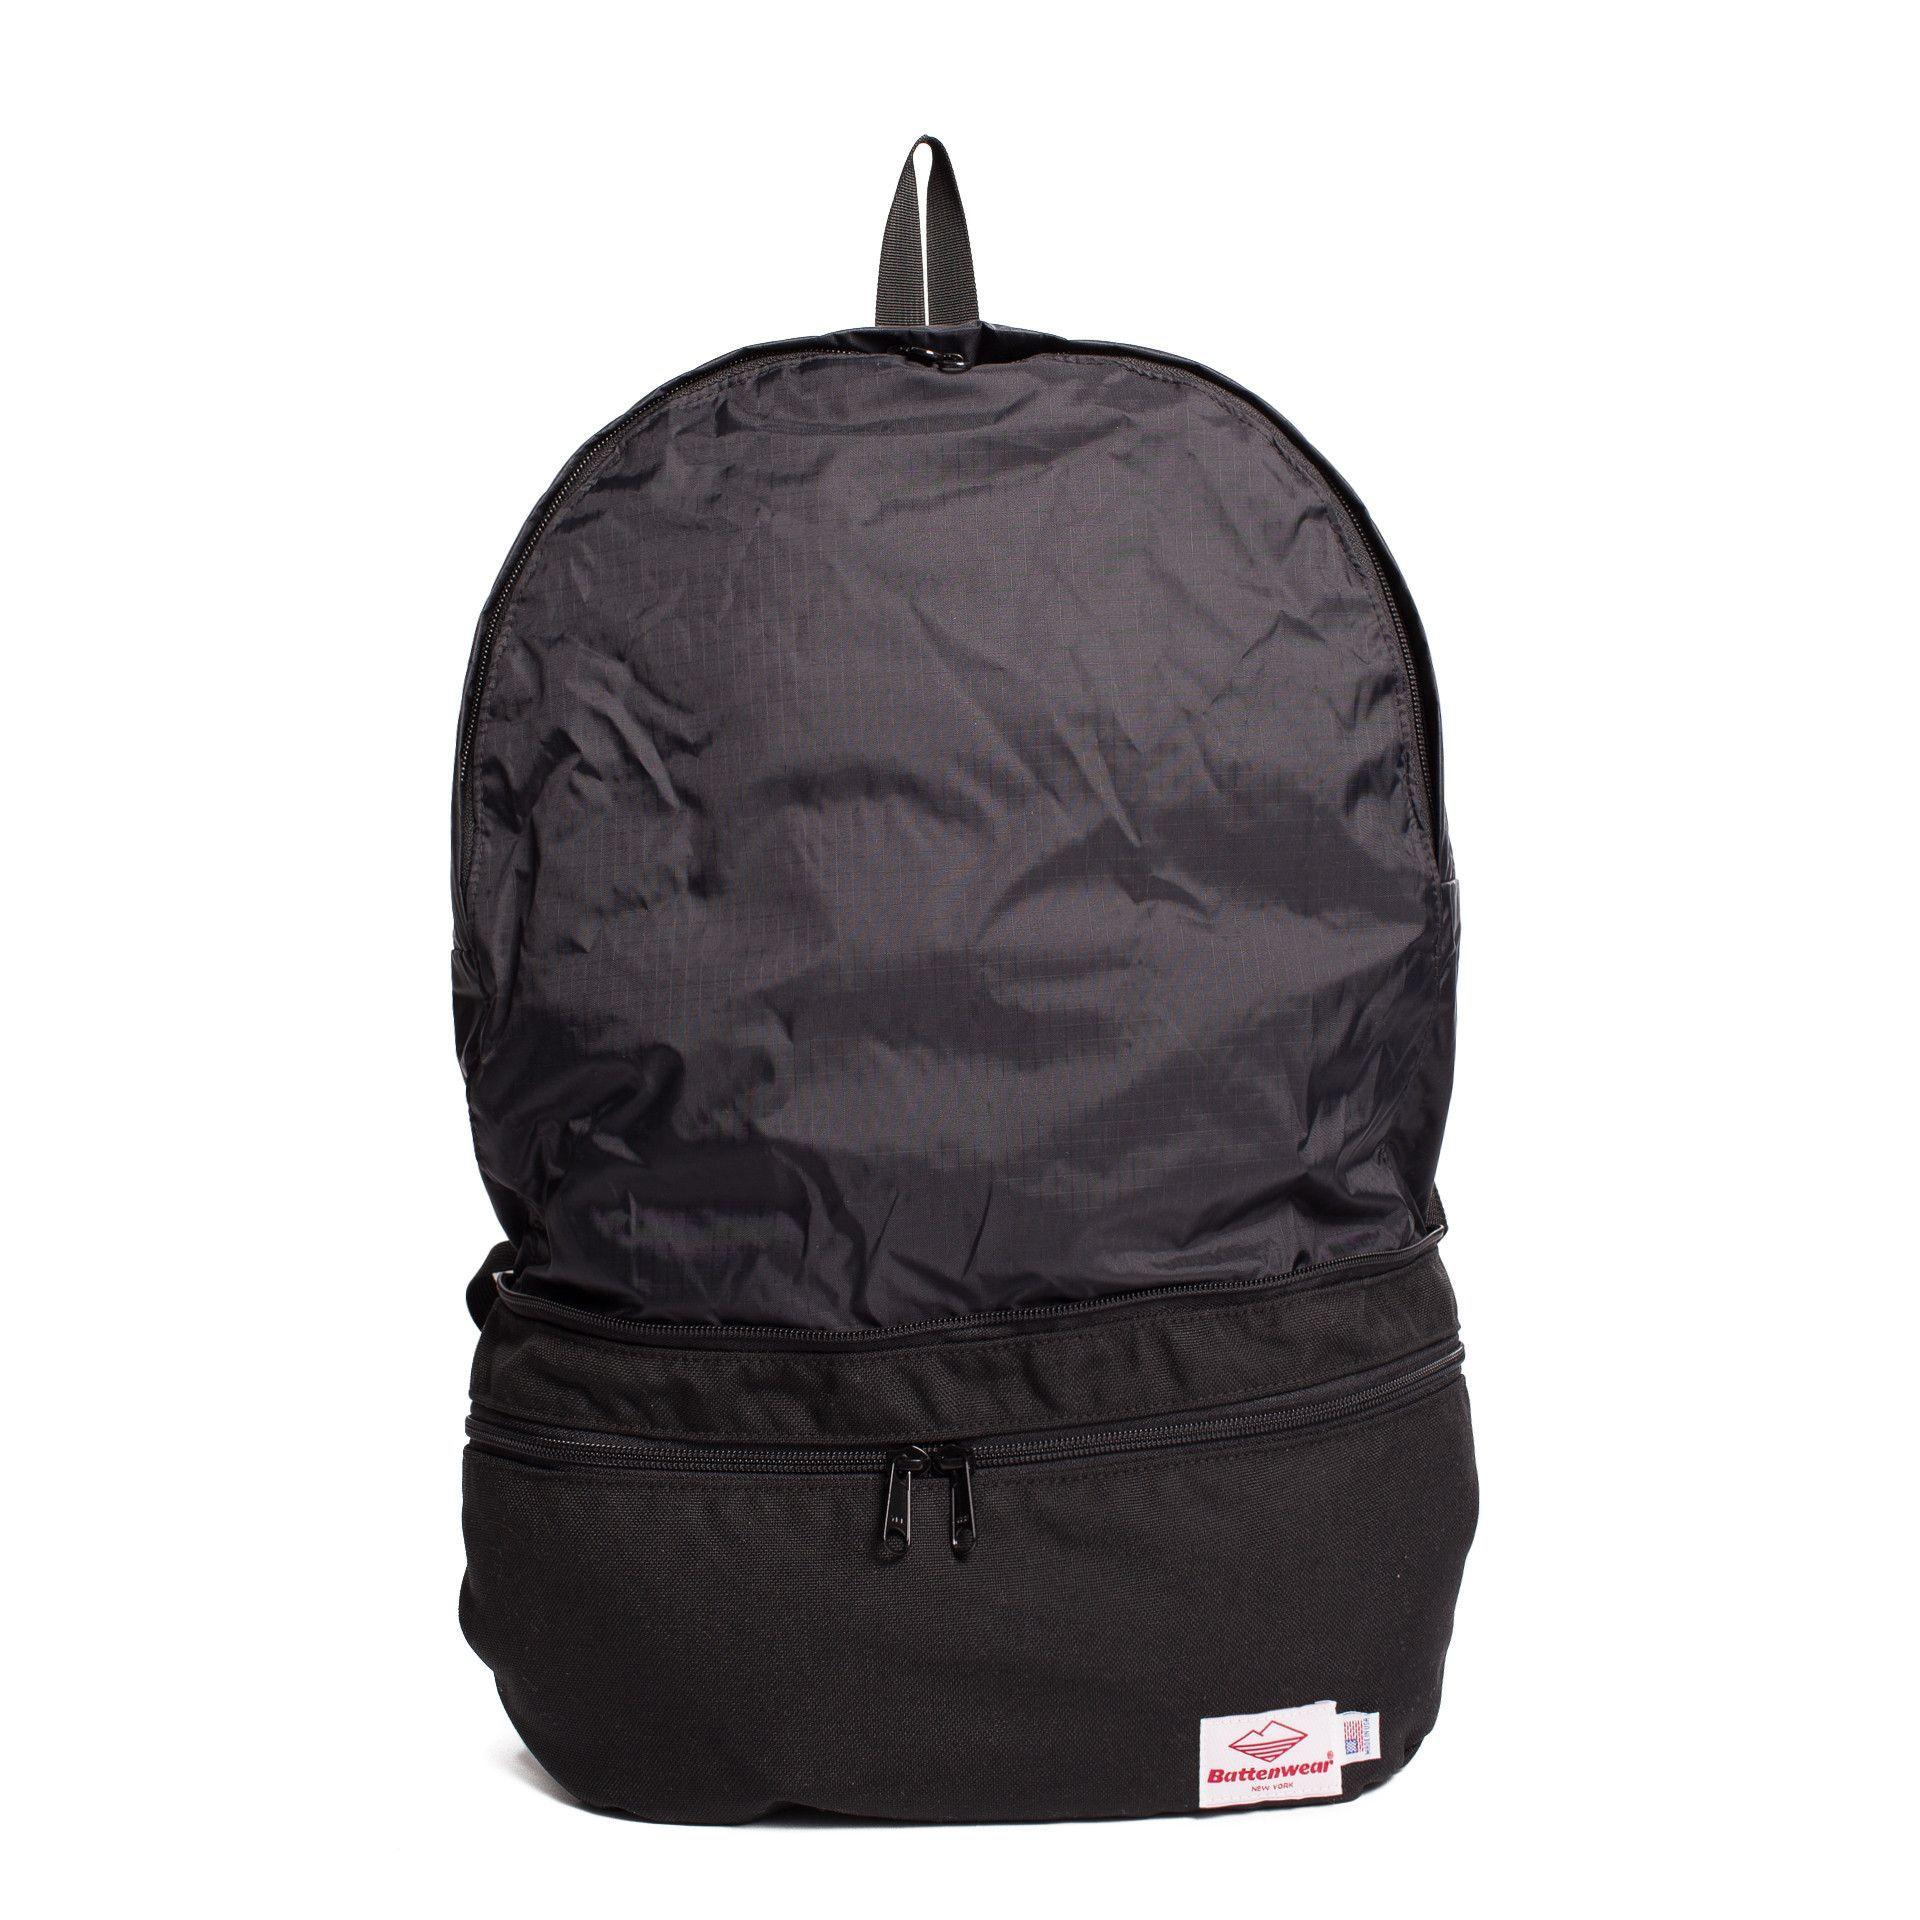 Eitherway Bag, Black/Black